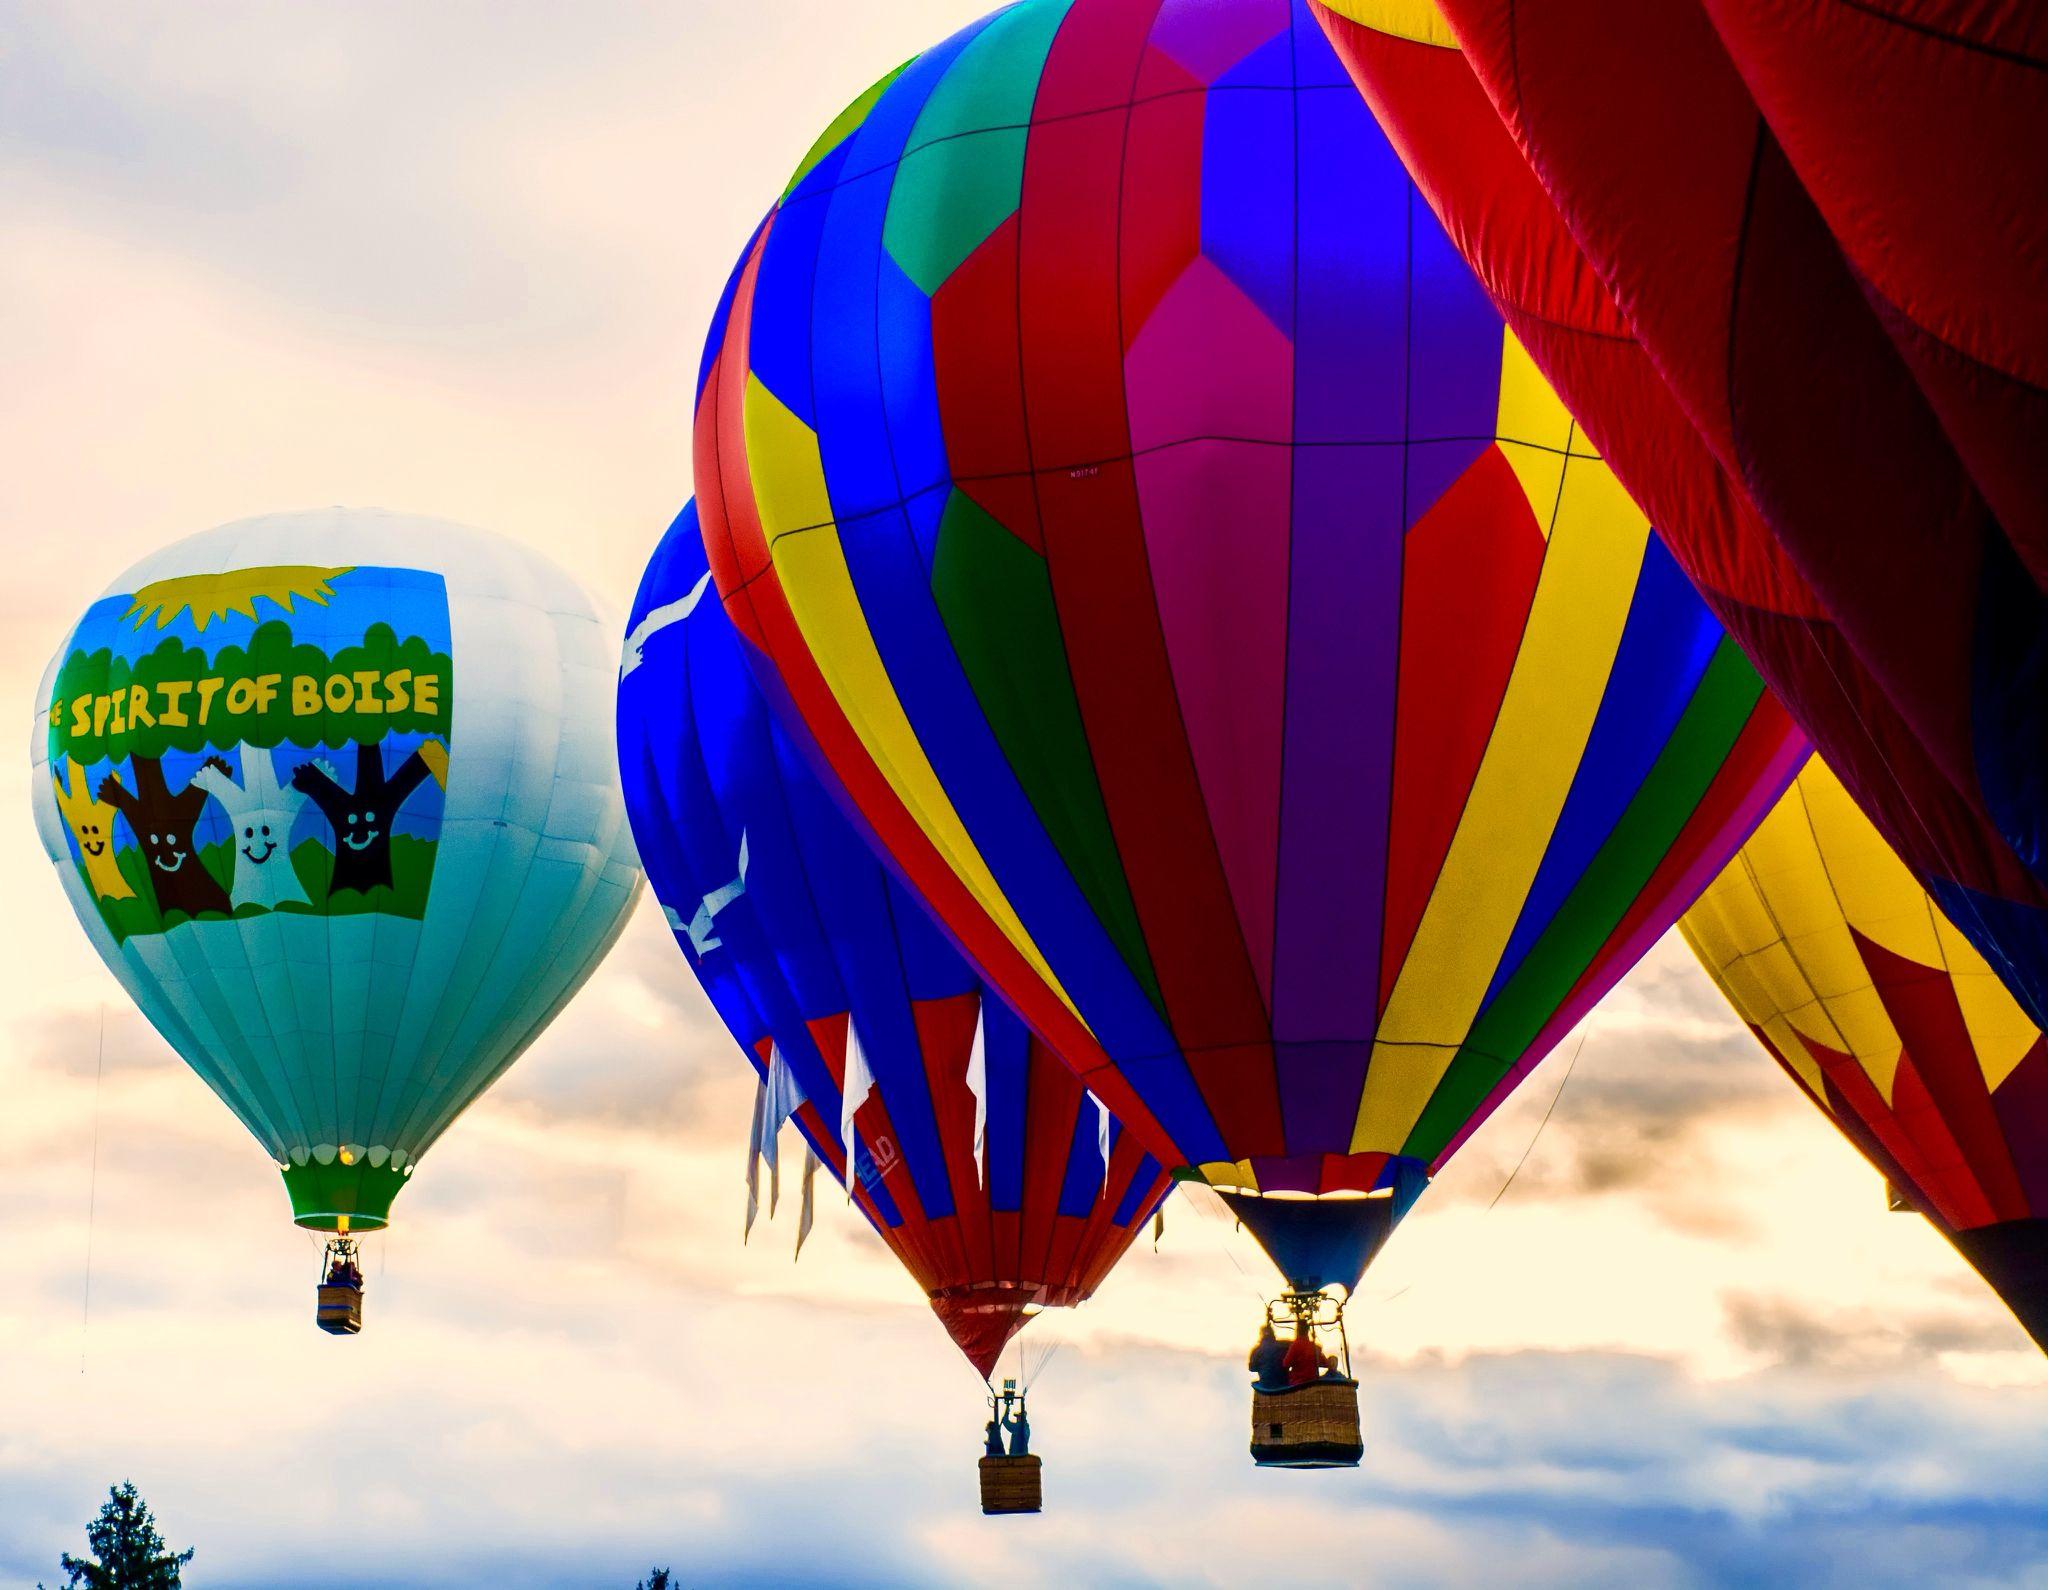 Boise Idaho balloon festival